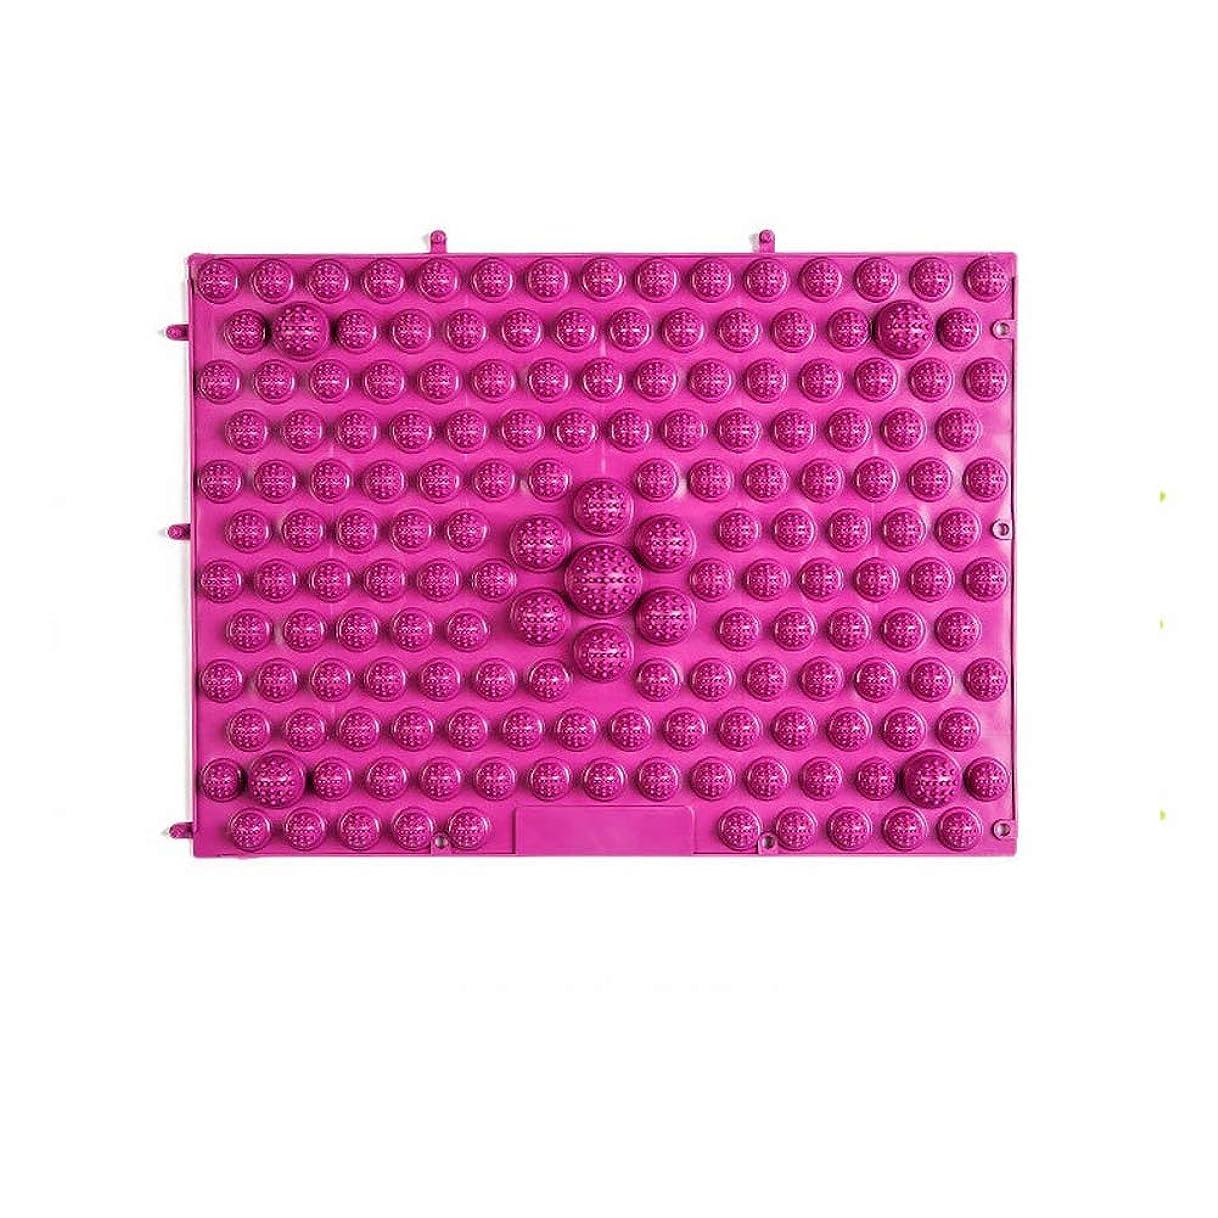 グリース仮称歩行者ウォークマット 裏板セット(ABS樹脂製補強板付き) (レッド)